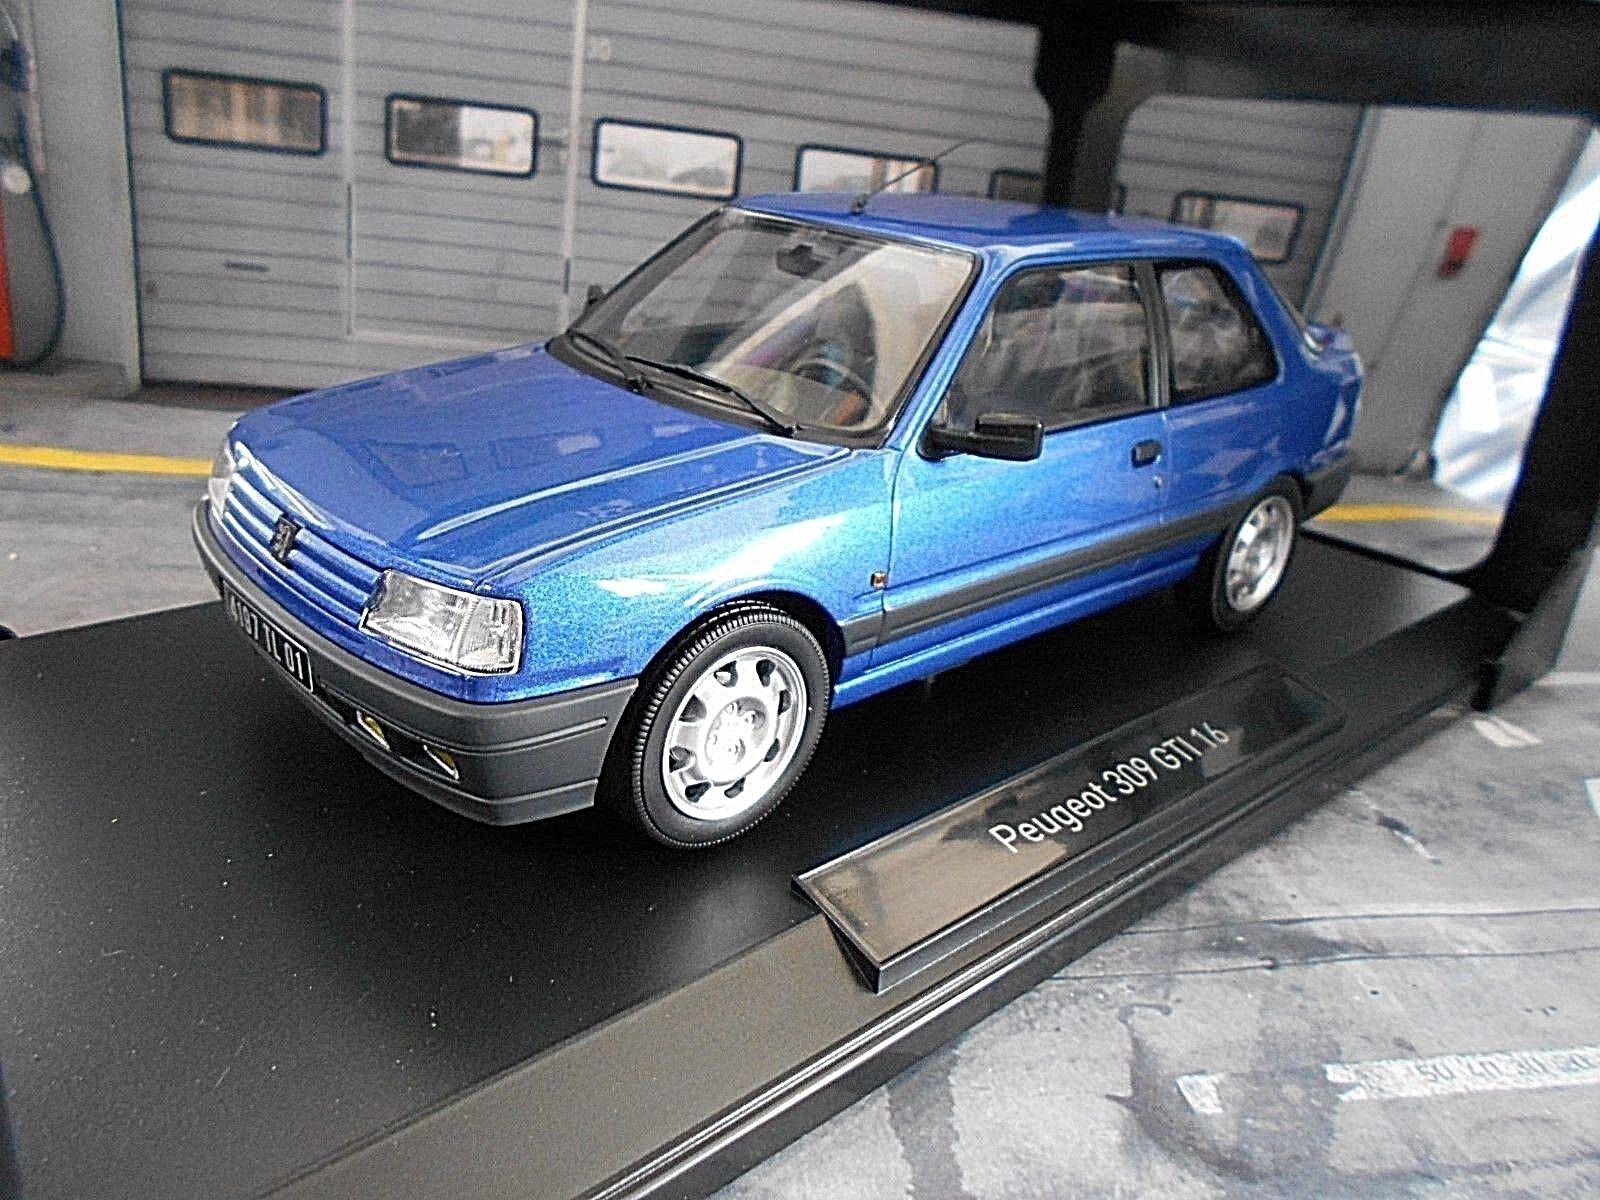 Peugeot 309 GTI 16 gti16 16v bluee Miami 1991 NOREV NEW 1 18